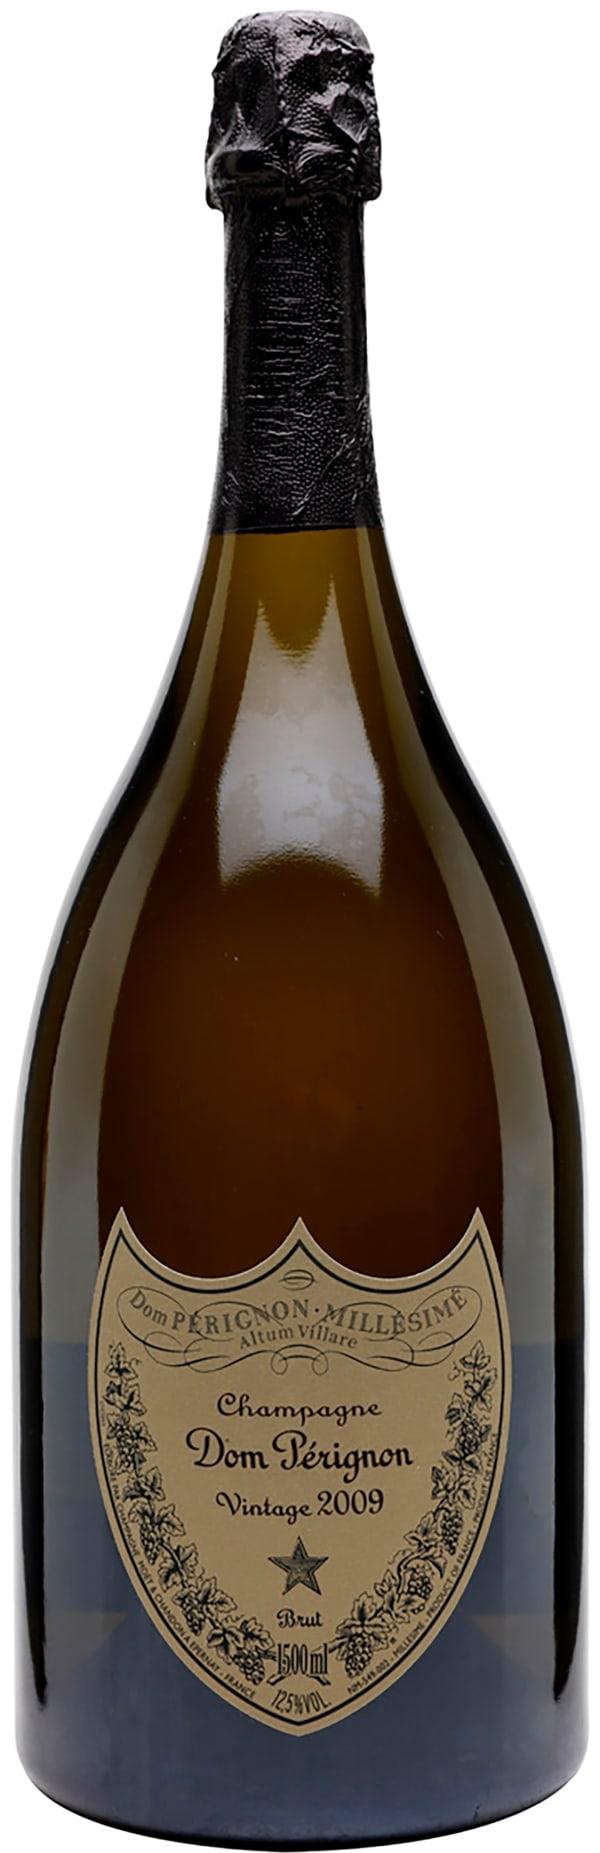 Dom Pérignon Champagne Brut Magnum 2009